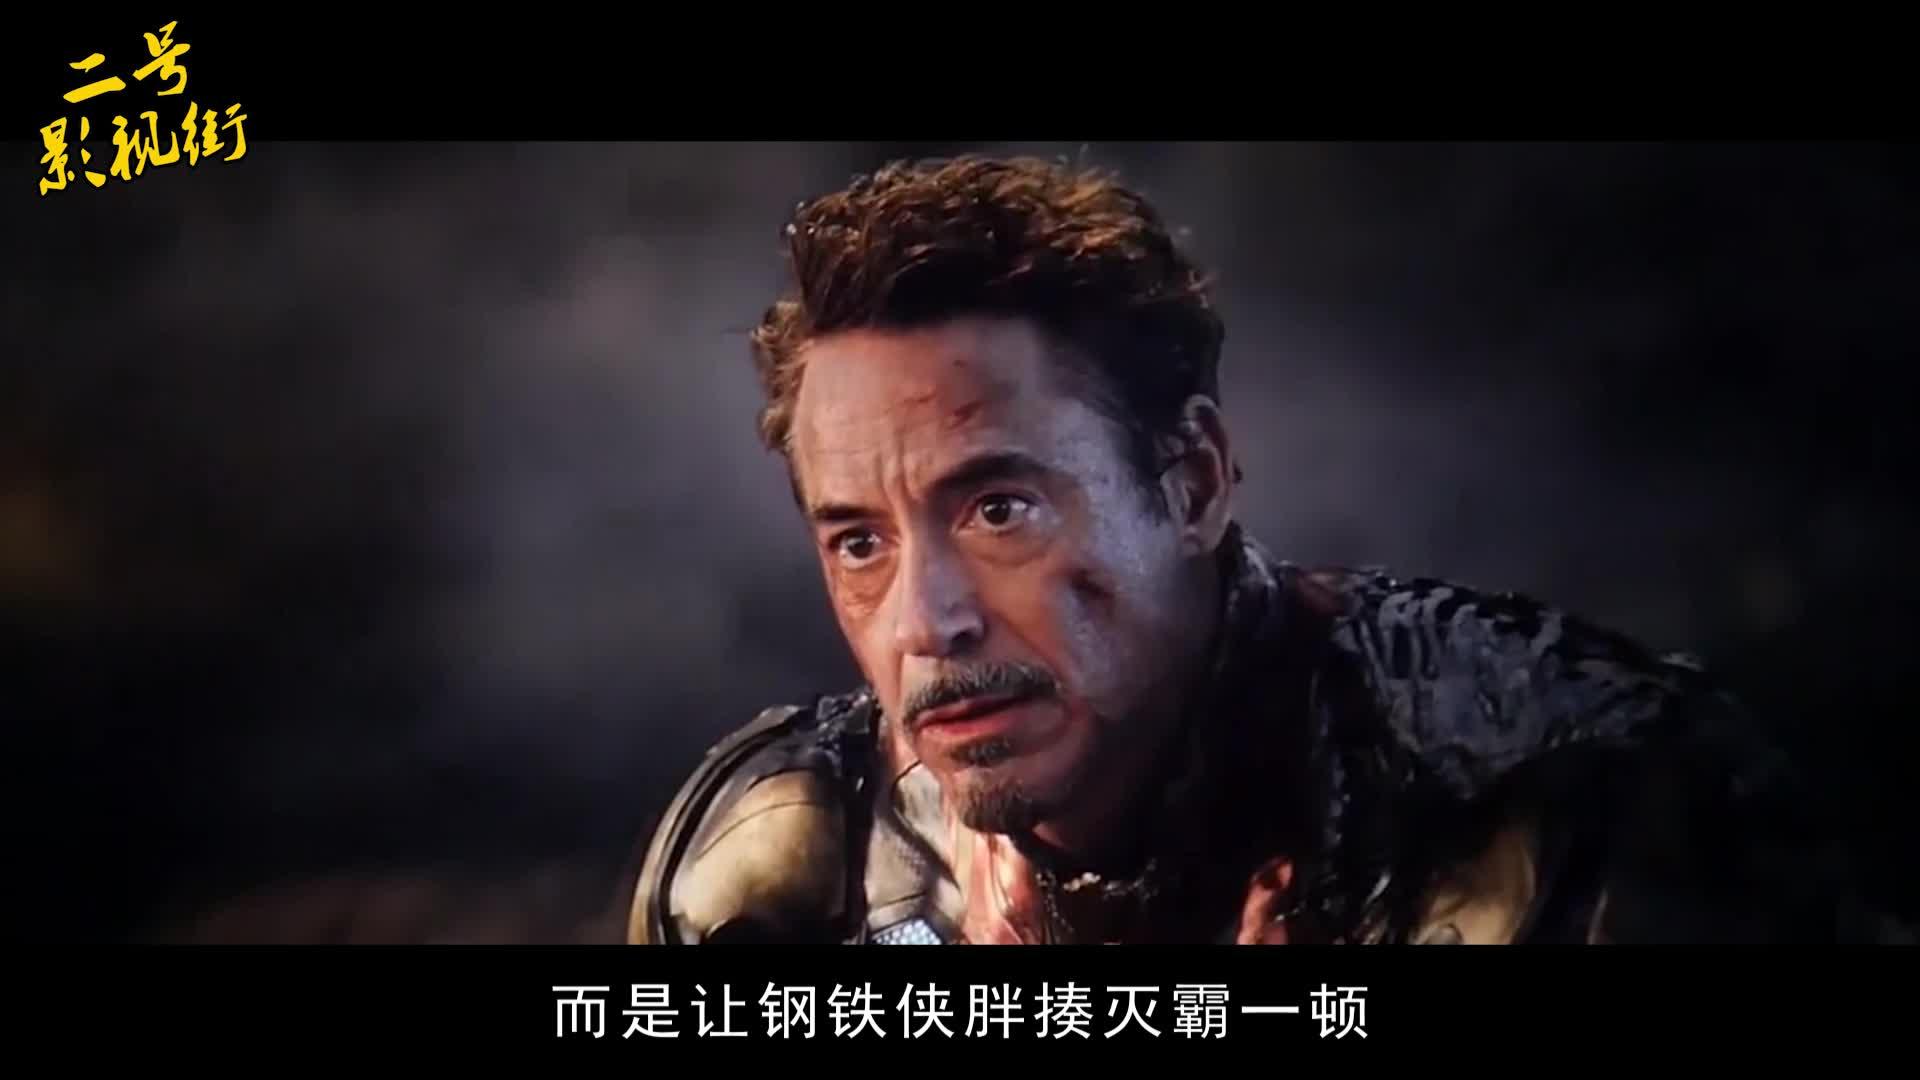 #复联4#复联4:灭霸为什么不在打完响指后,杀掉雷神和钢铁侠?